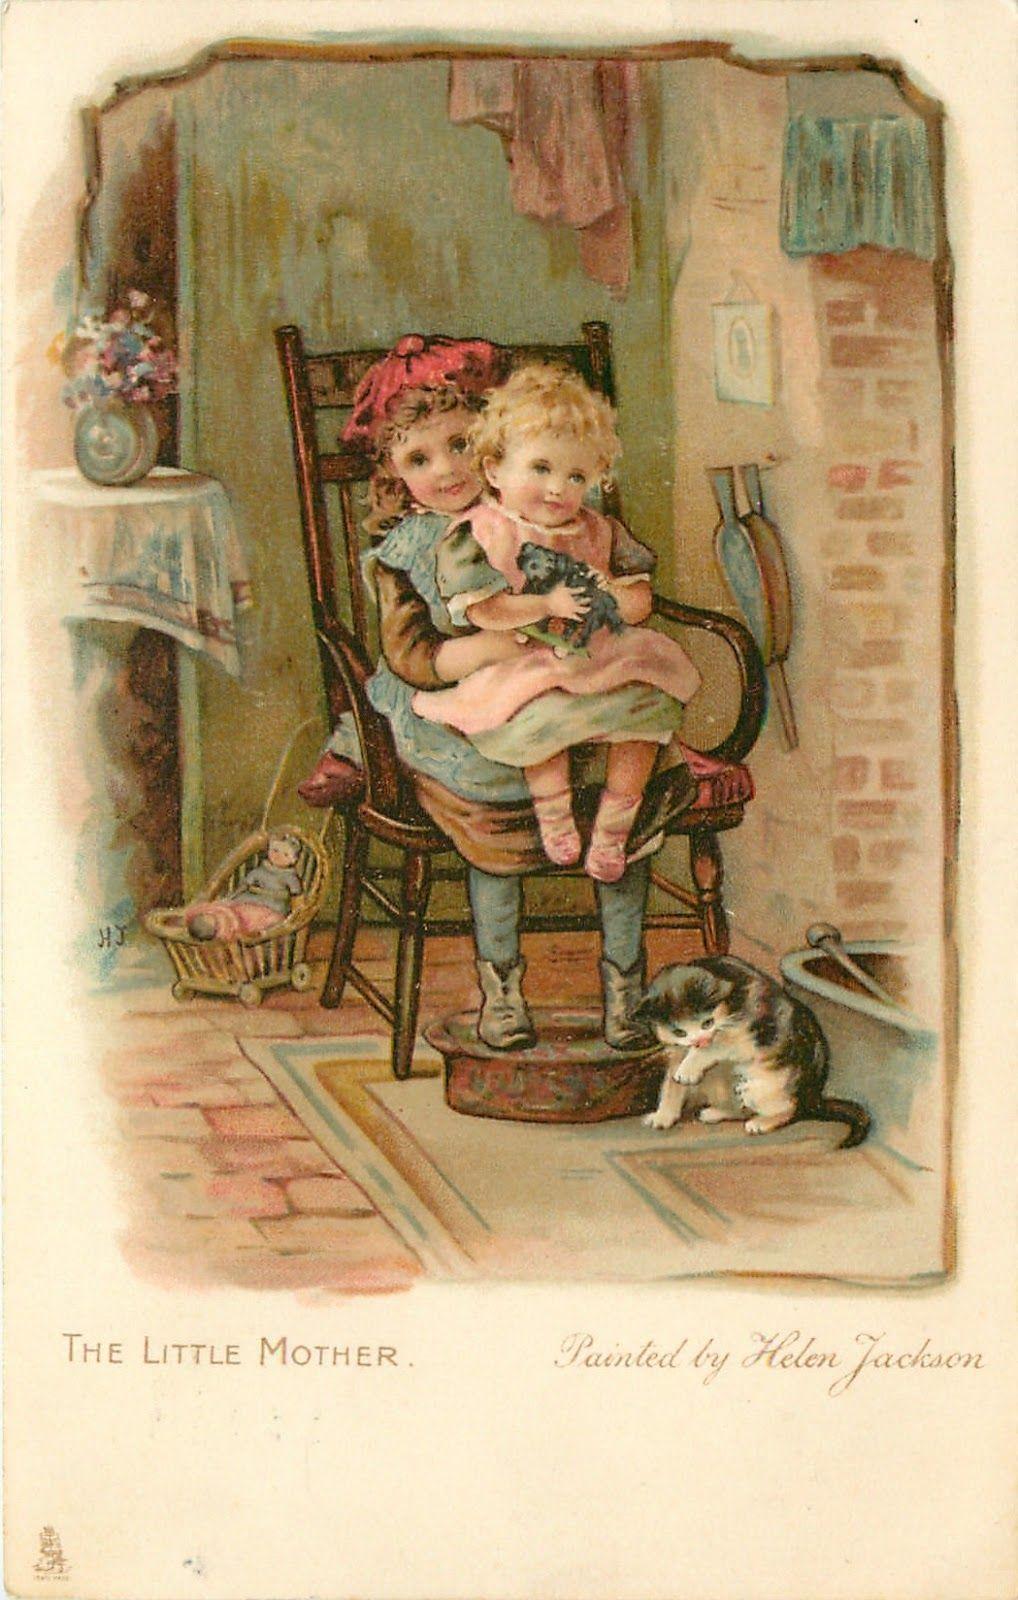 с днем рождения старинные открытки сестре солнышко, красивые